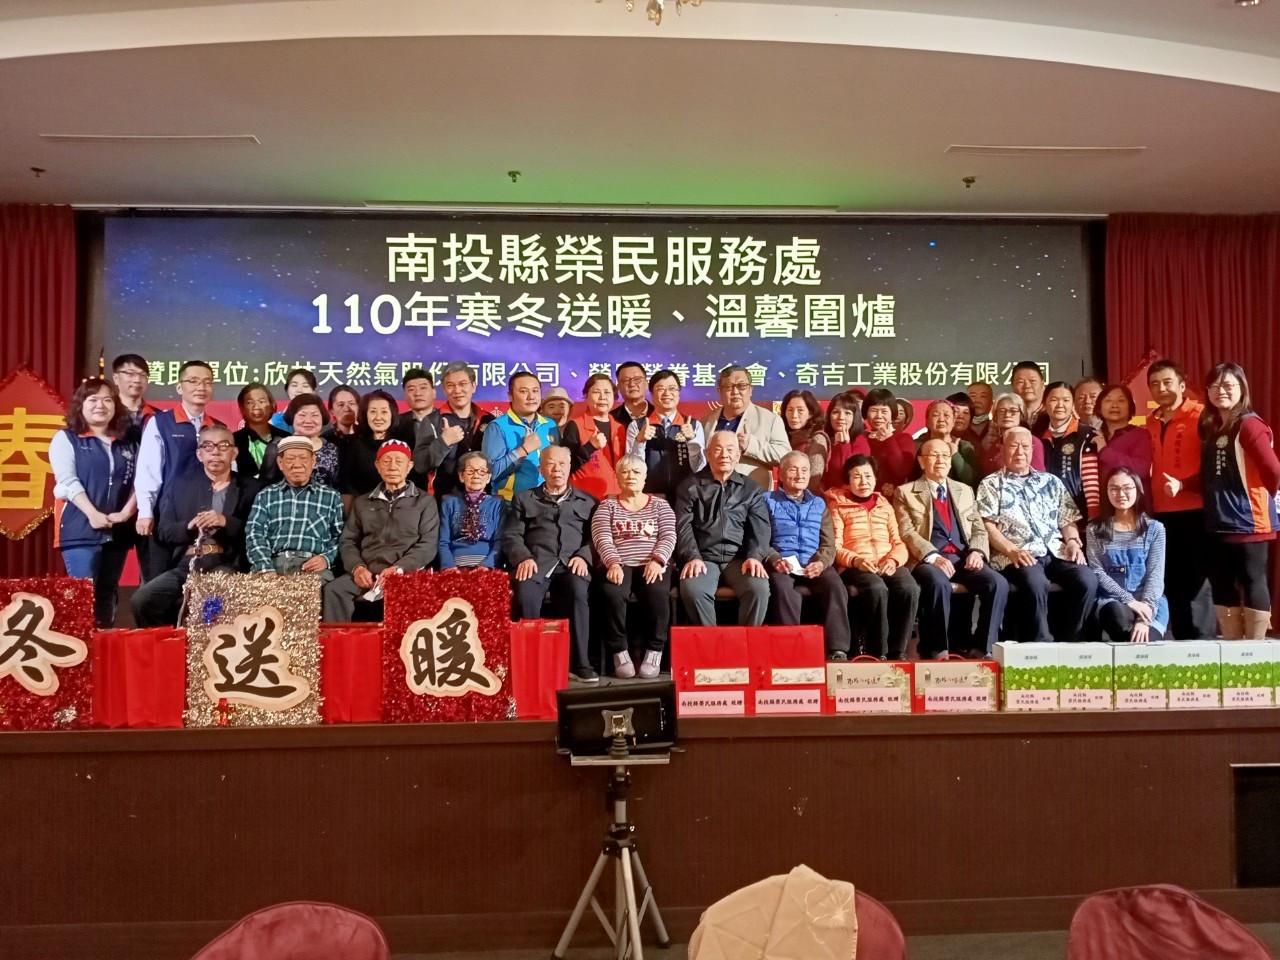 110.01.21 南投縣榮民服務處春節圍爐活動